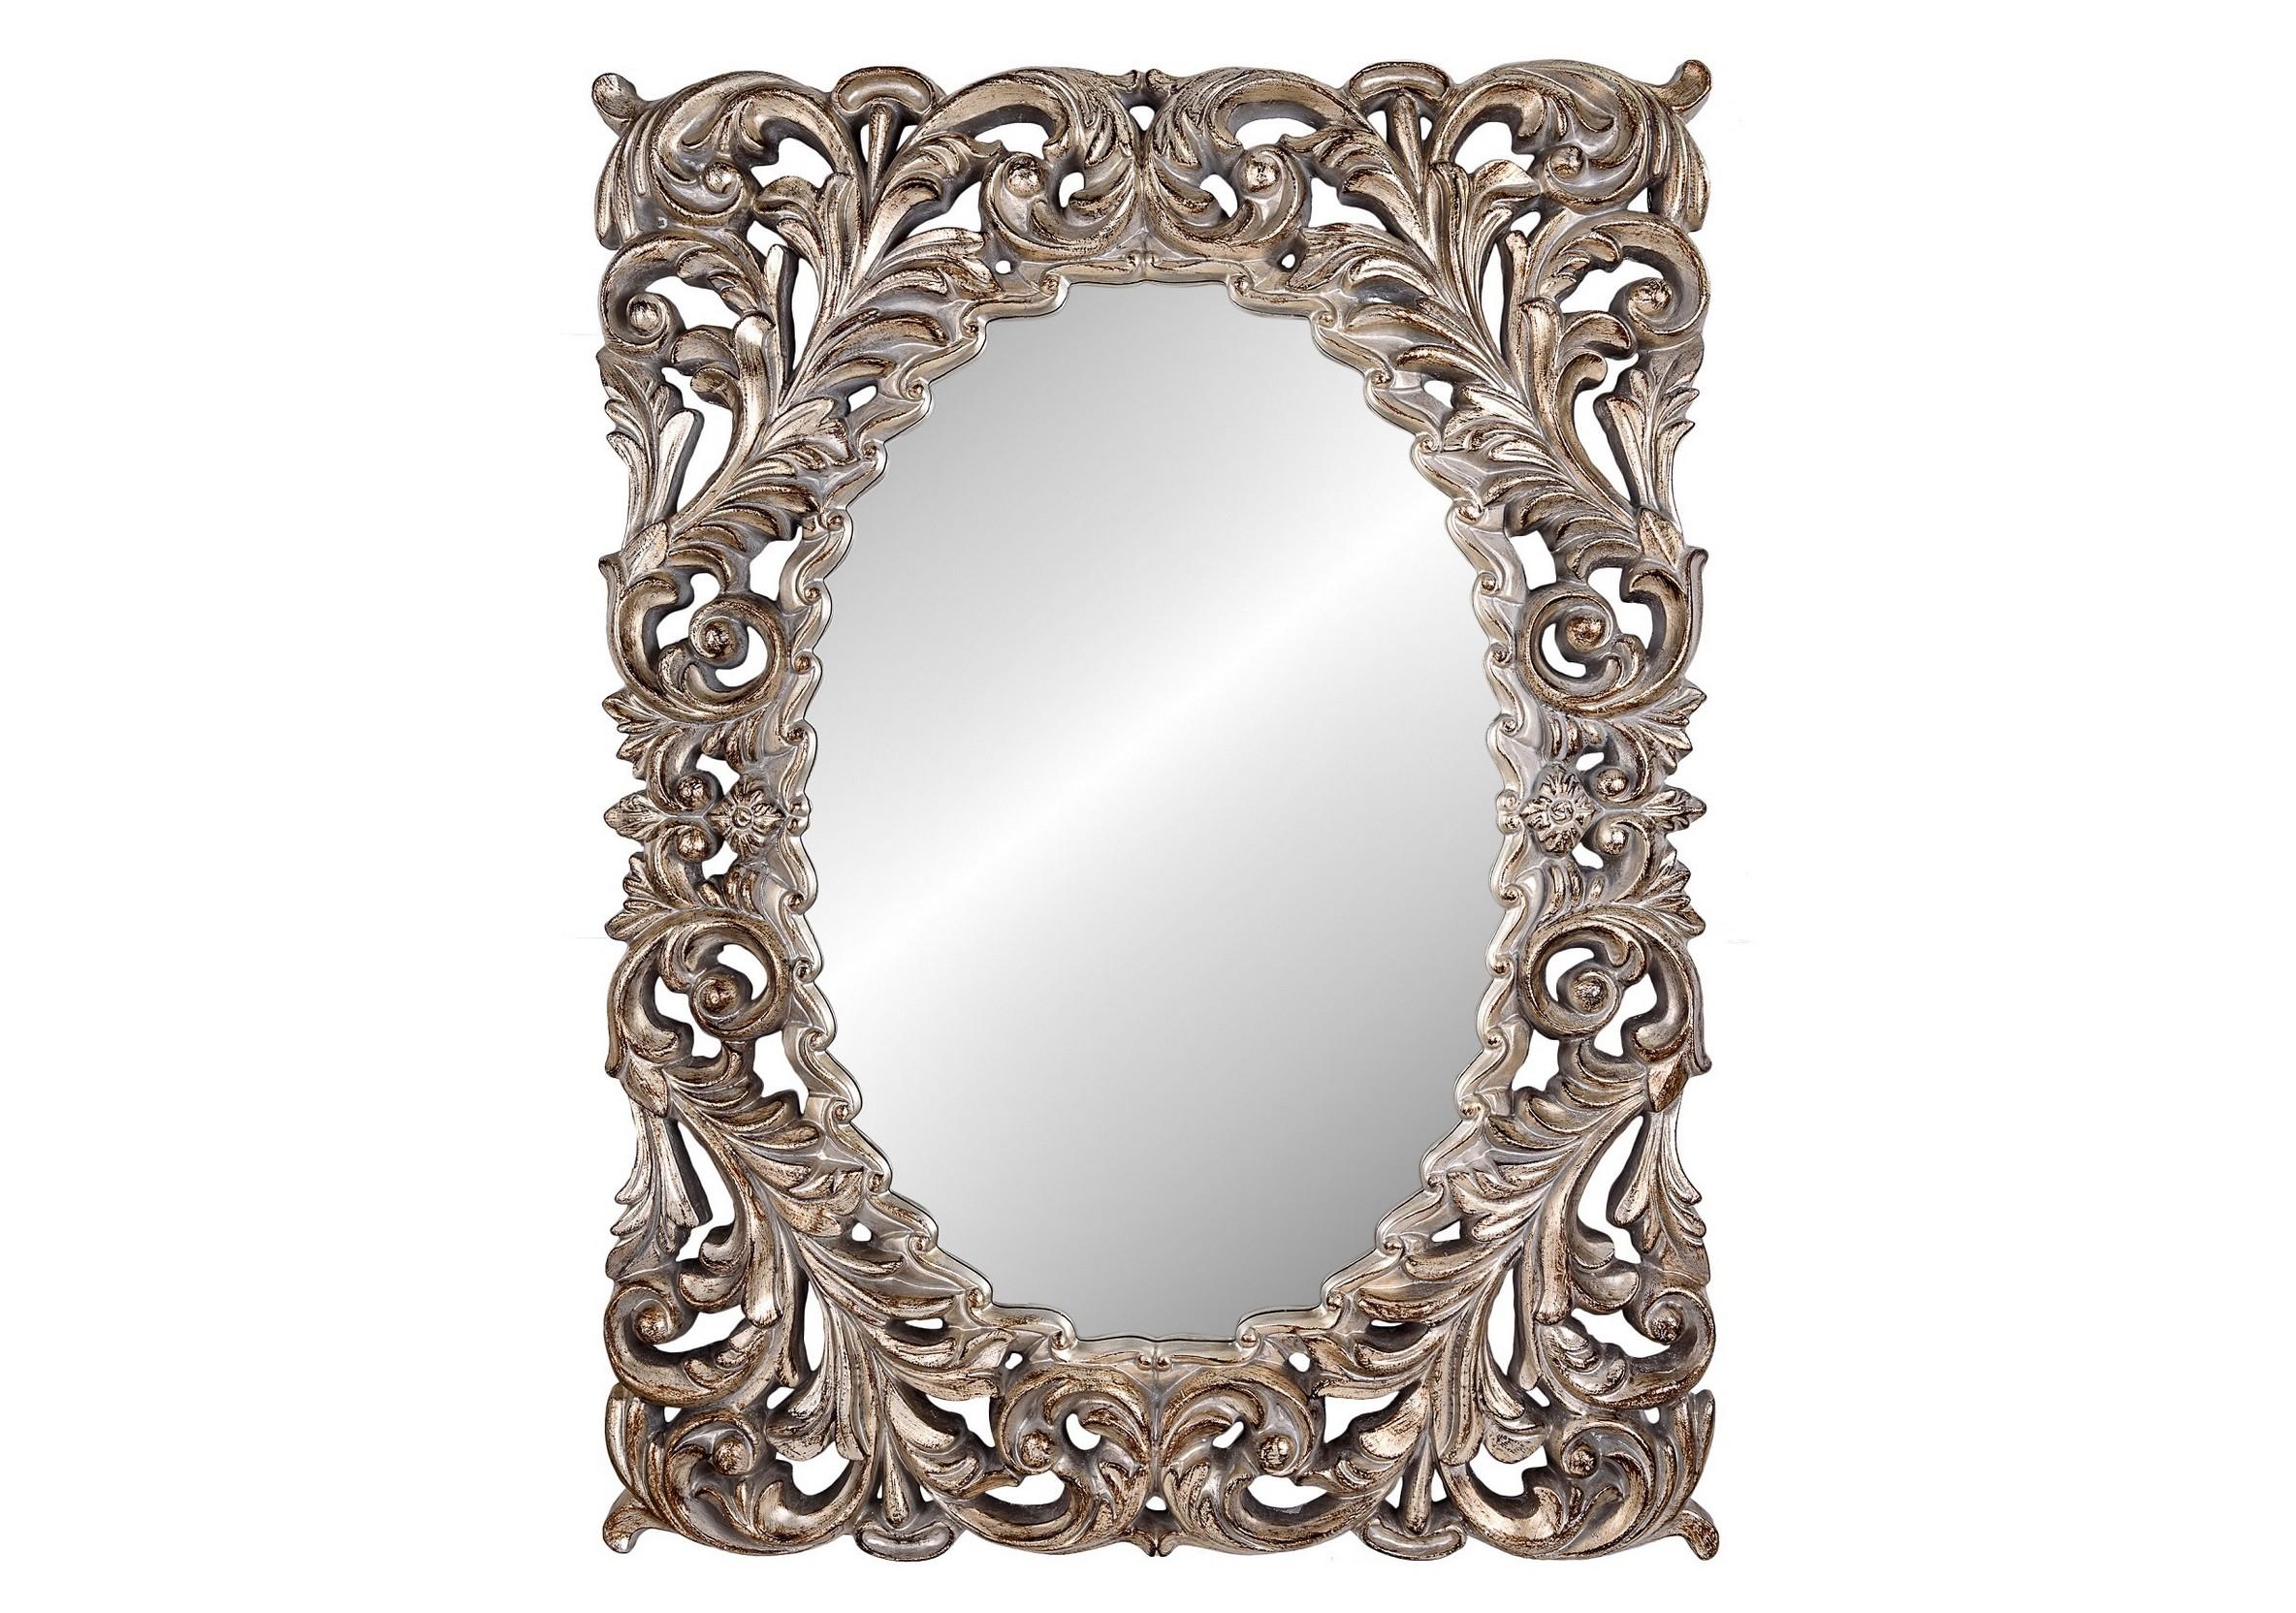 Зеркало в раме WindsorНастенные зеркала<br>Зеркало &amp;quot;Windsor&amp;quot; завораживает своей уникальной геометрией. Сочетающиеся в ее границах барочные орнаменты создают форму, которая выглядит роскошно и строго одновременно. Само очертание рамы напоминает прямоугольник. Его наполнение, составленное множеством витиеватых линий, рождает уникальные многомерные пропорции. Они превосходно дополнят собой шикарные французские интерьеры просторных холлов, шикарных гостиных и элегантных ванных комнат.&amp;lt;div&amp;gt;&amp;lt;br&amp;gt;&amp;lt;/div&amp;gt;&amp;lt;div&amp;gt;Влагостойкое серебряное зеркало.&amp;lt;div&amp;gt;Материал рамы: полиуретан.&amp;lt;/div&amp;gt;&amp;lt;div&amp;gt;Цвет зеркала/рамы: античное серебро.&amp;lt;/div&amp;gt;&amp;lt;div&amp;gt;Размер внешний, с рамой: 91*122 см.&amp;lt;/div&amp;gt;&amp;lt;div&amp;gt;Вес: 10 кг.&amp;lt;/div&amp;gt;&amp;lt;/div&amp;gt;<br><br>Material: Пластик<br>Width см: 91<br>Depth см: 5<br>Height см: 122